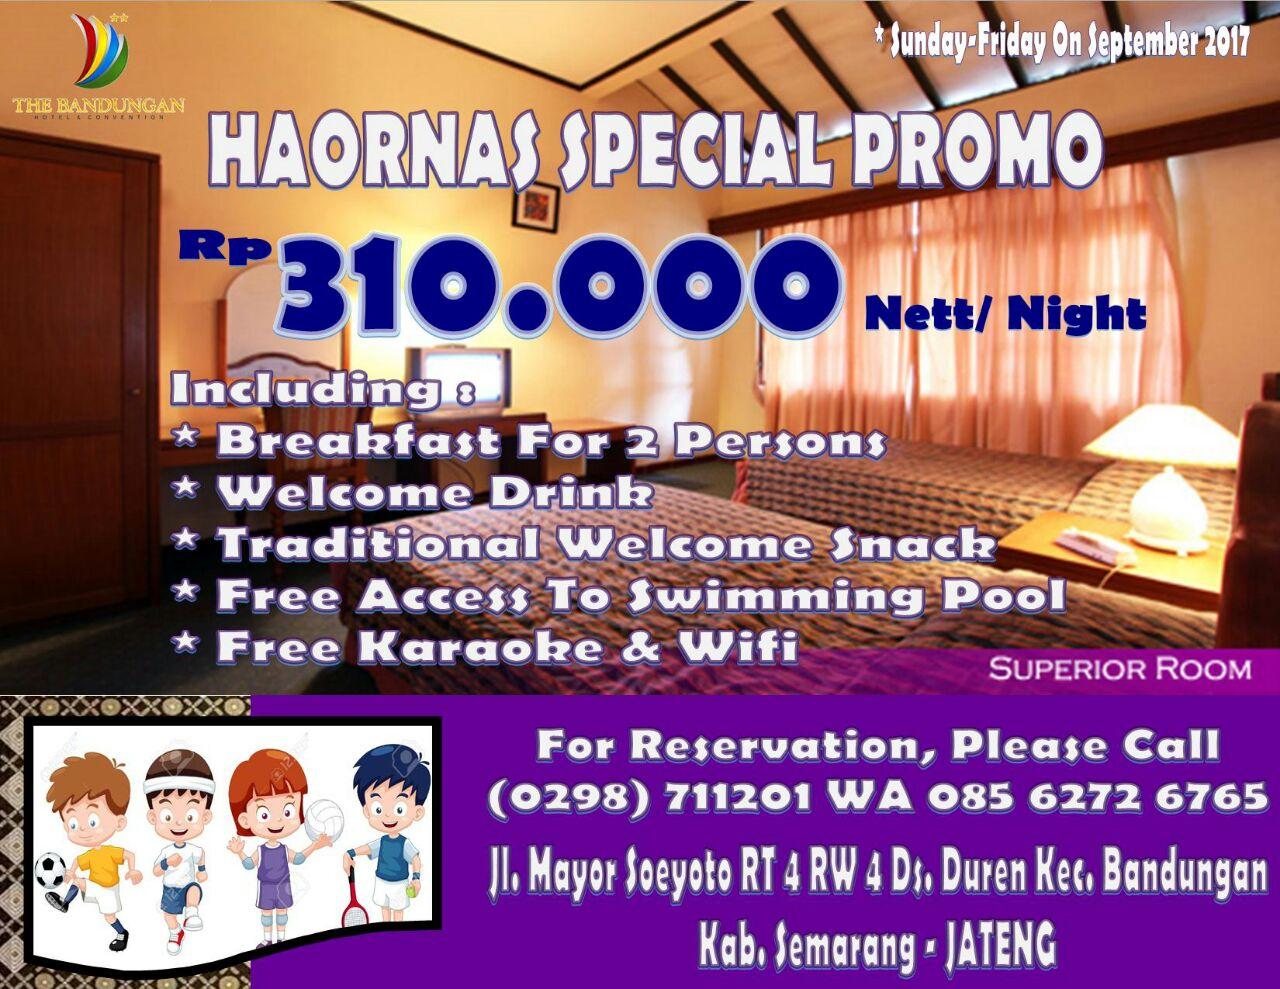 Haornas Special Promo